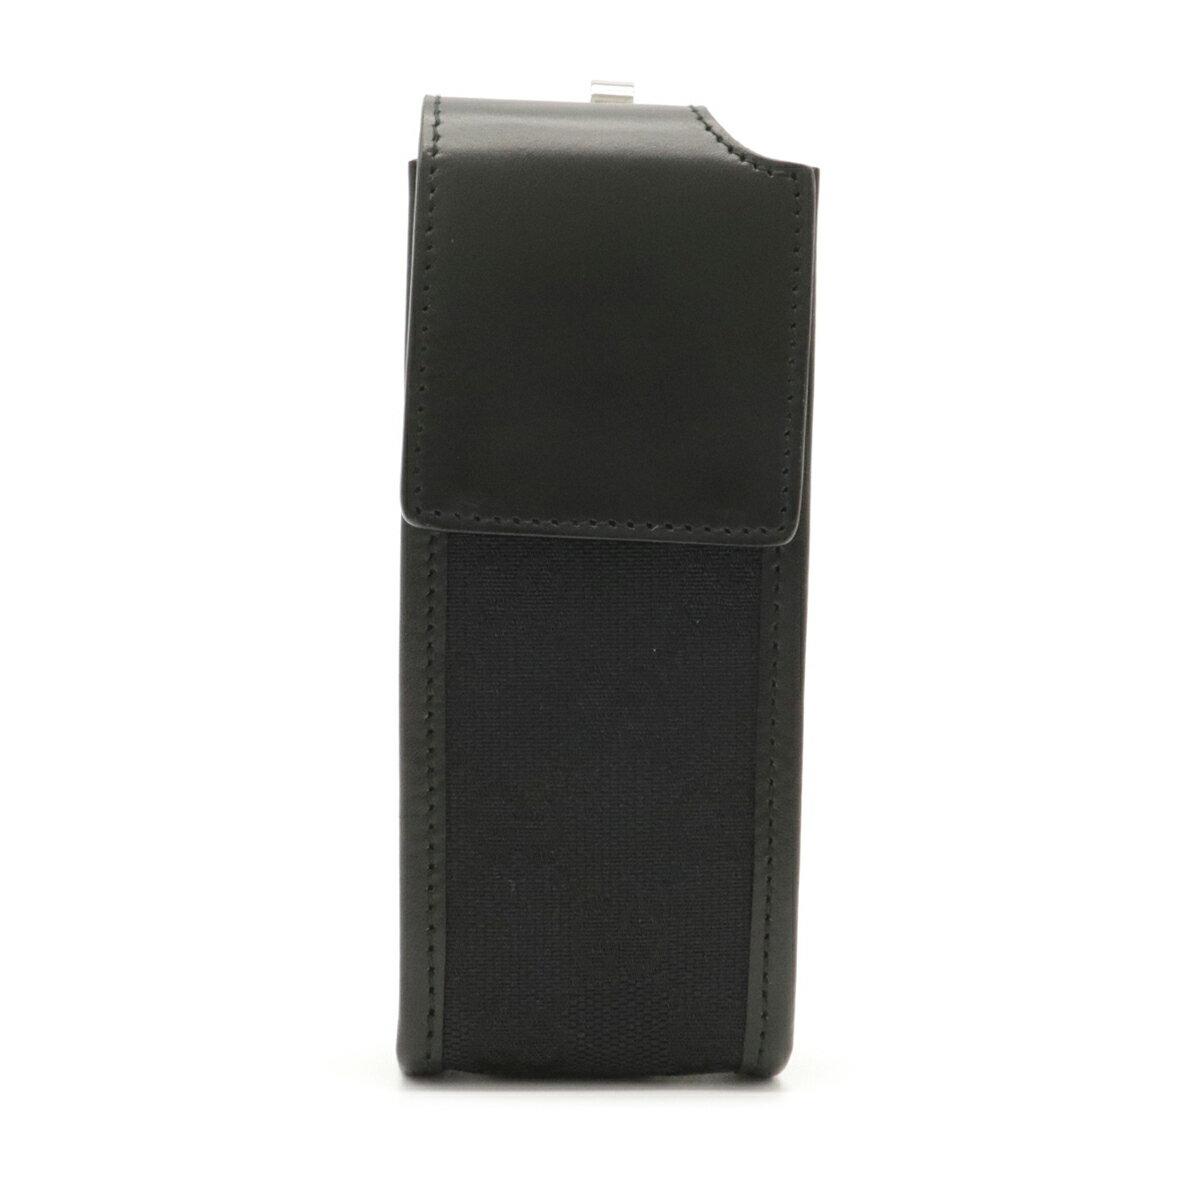 スマートフォン・携帯電話アクセサリー, ケース・カバー GUCCI GG iQOS 039.2122.1077